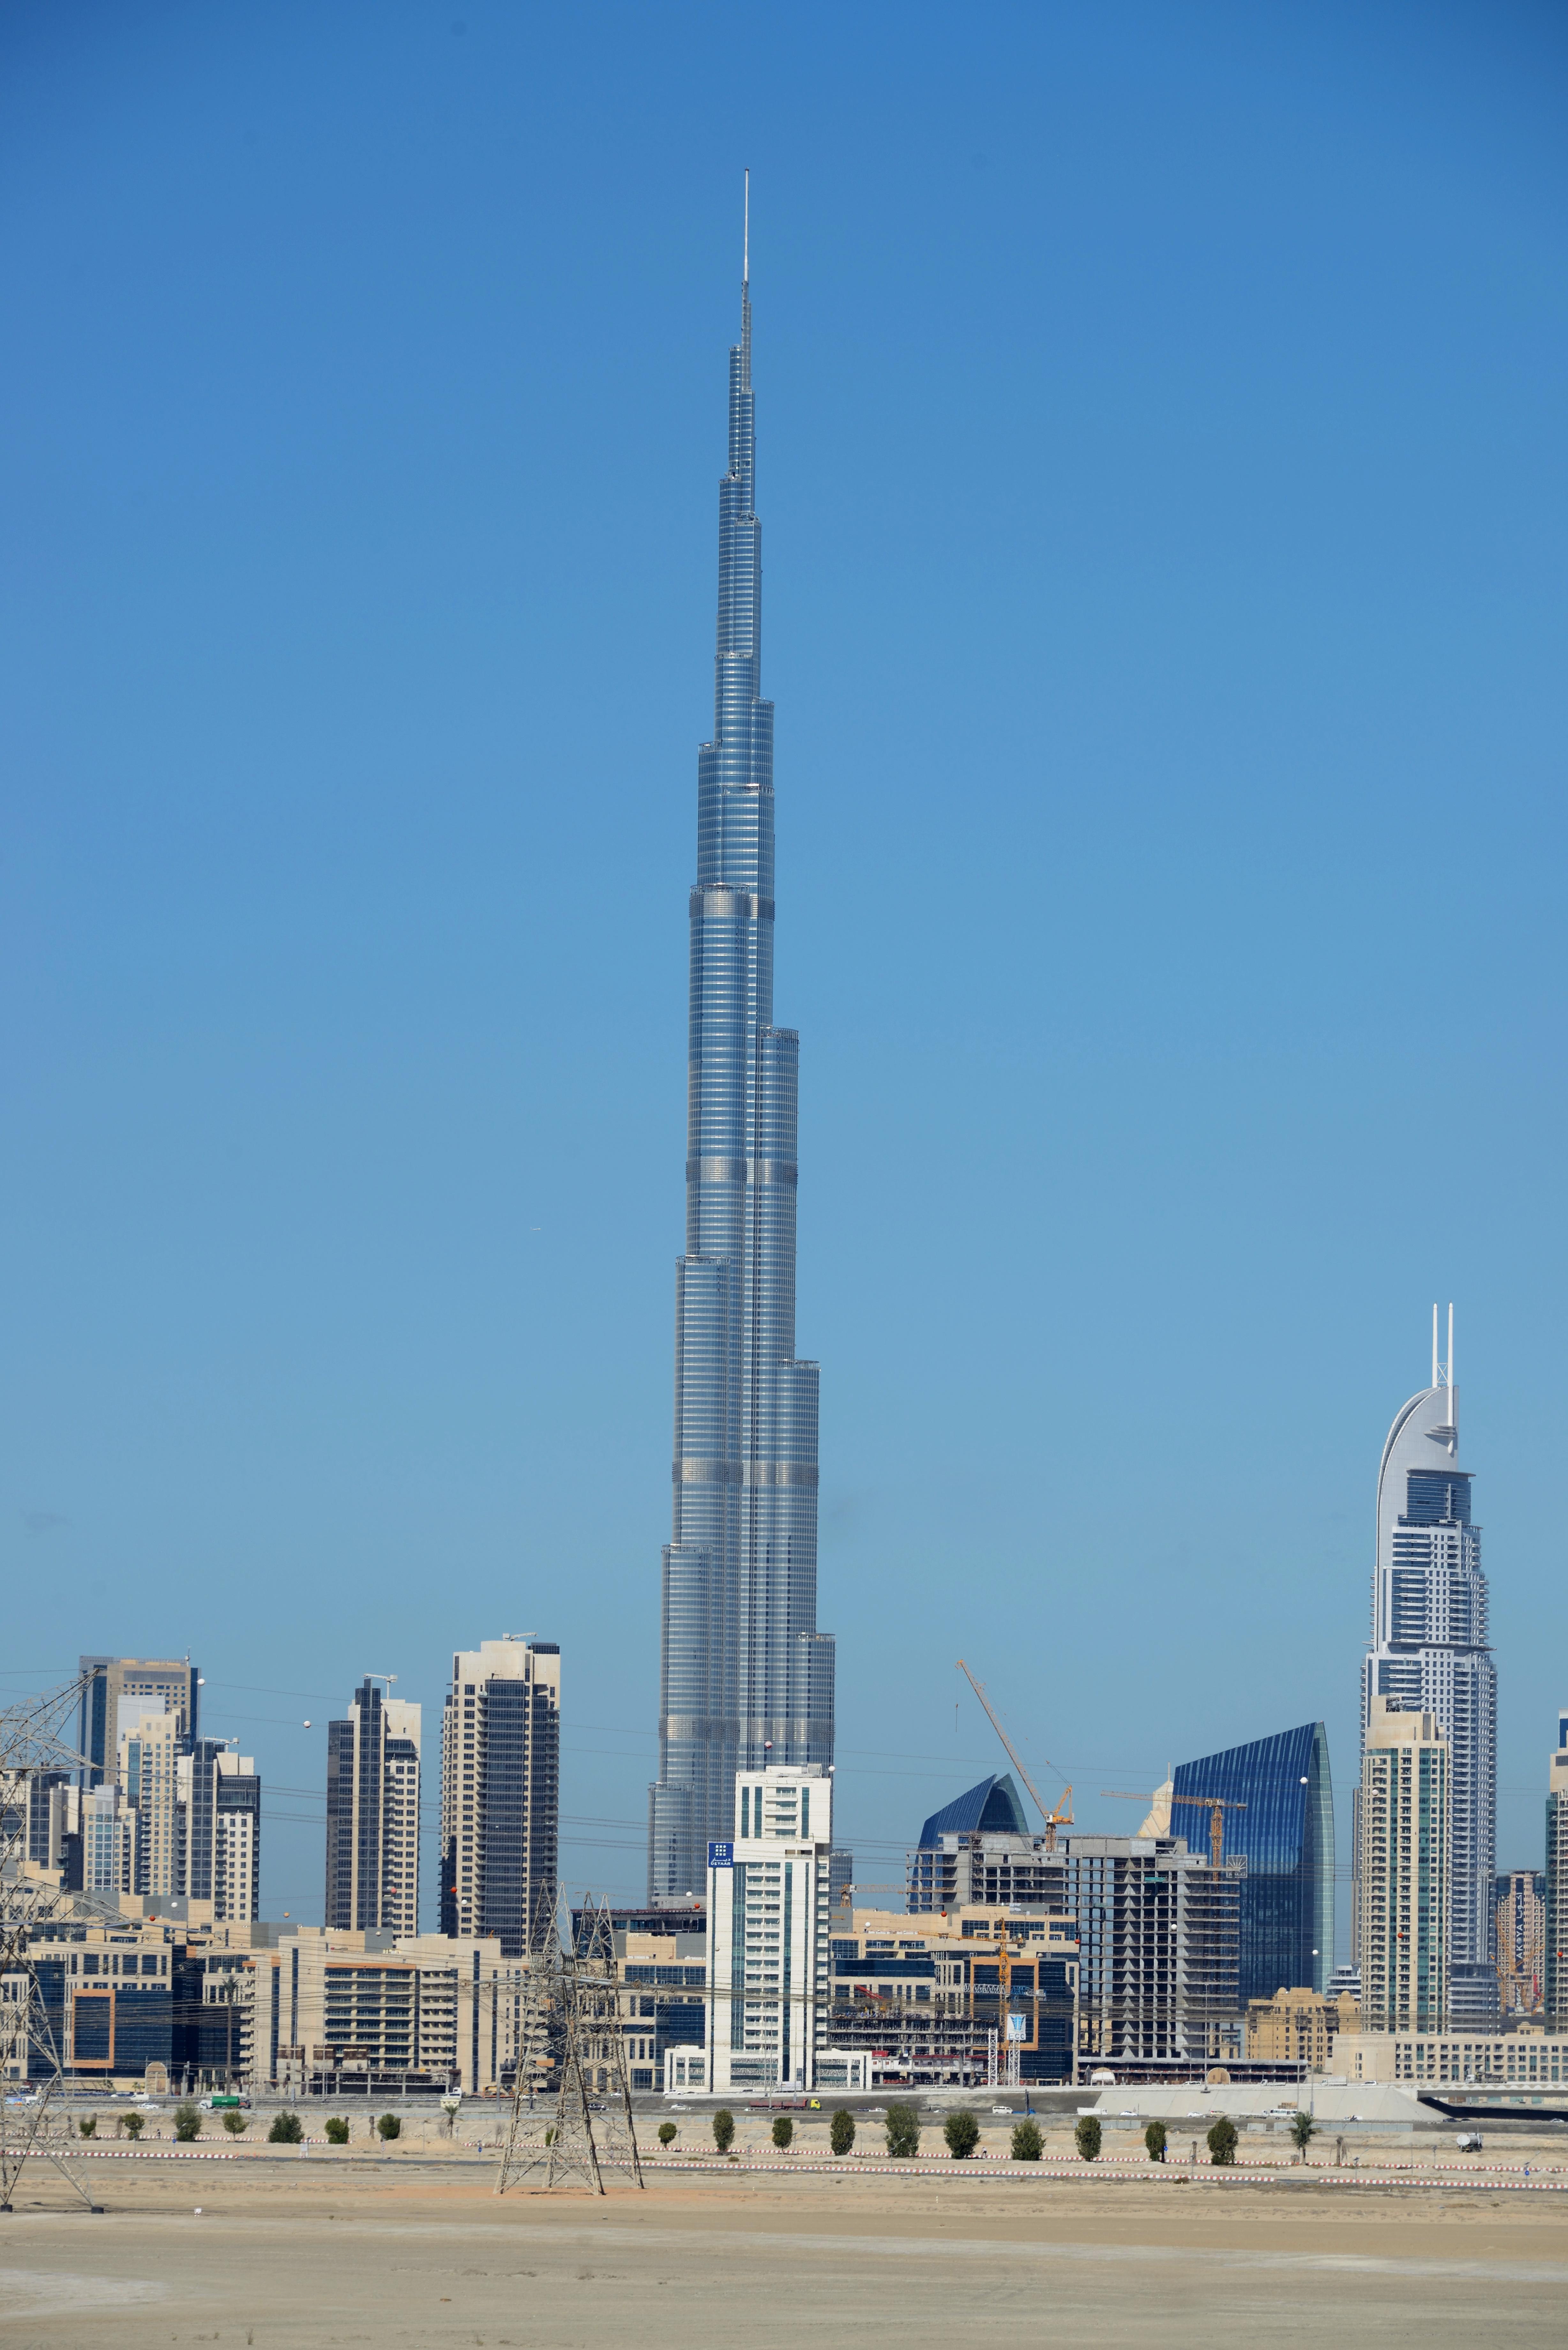 palazzo più alto del mondo dubai